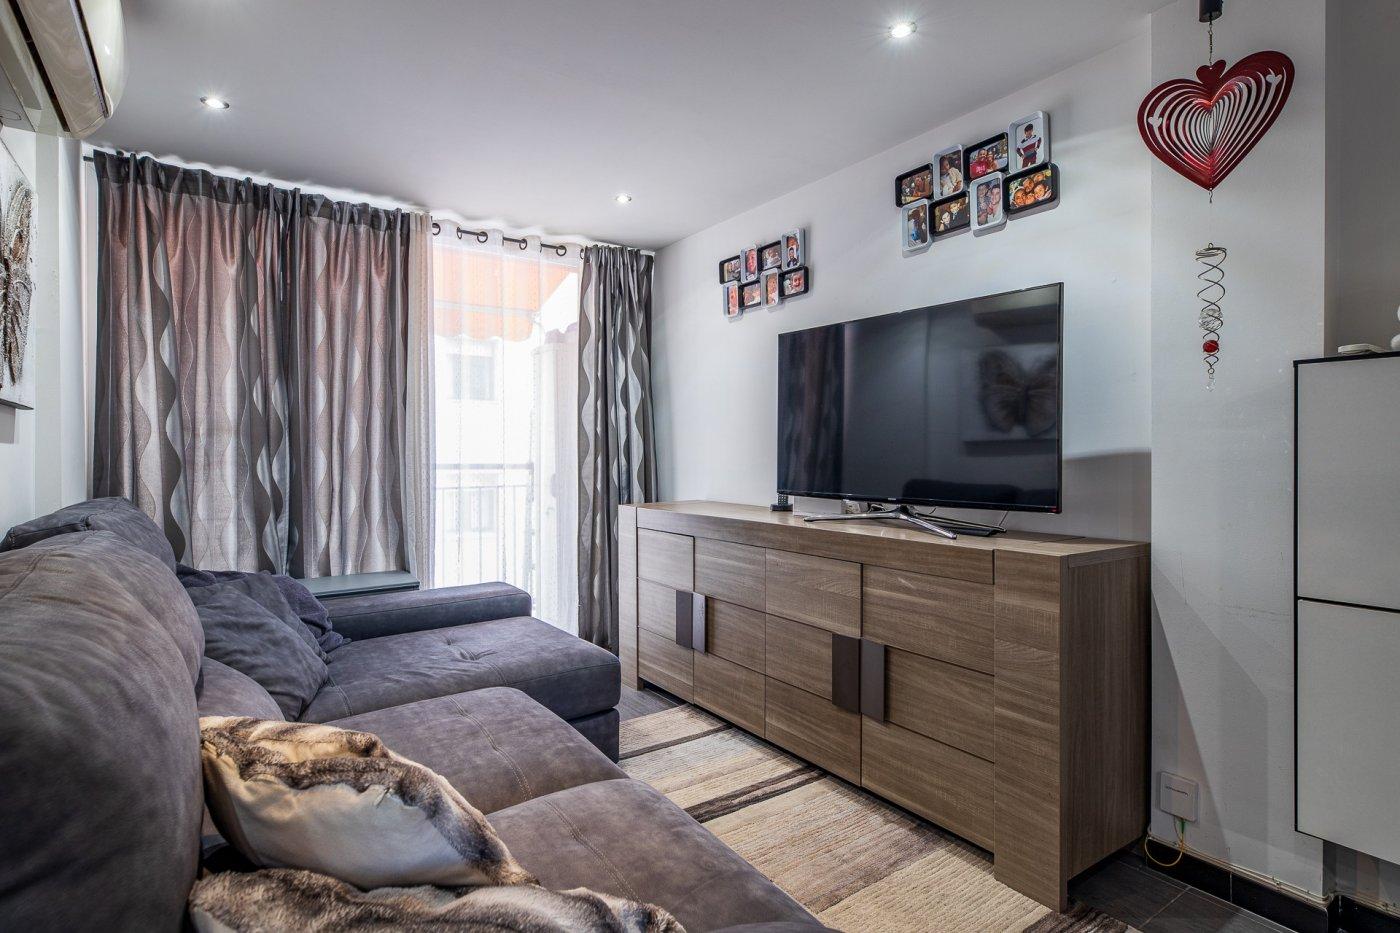 Precioso piso reformado en zona paseo marítimo - imagenInmueble3